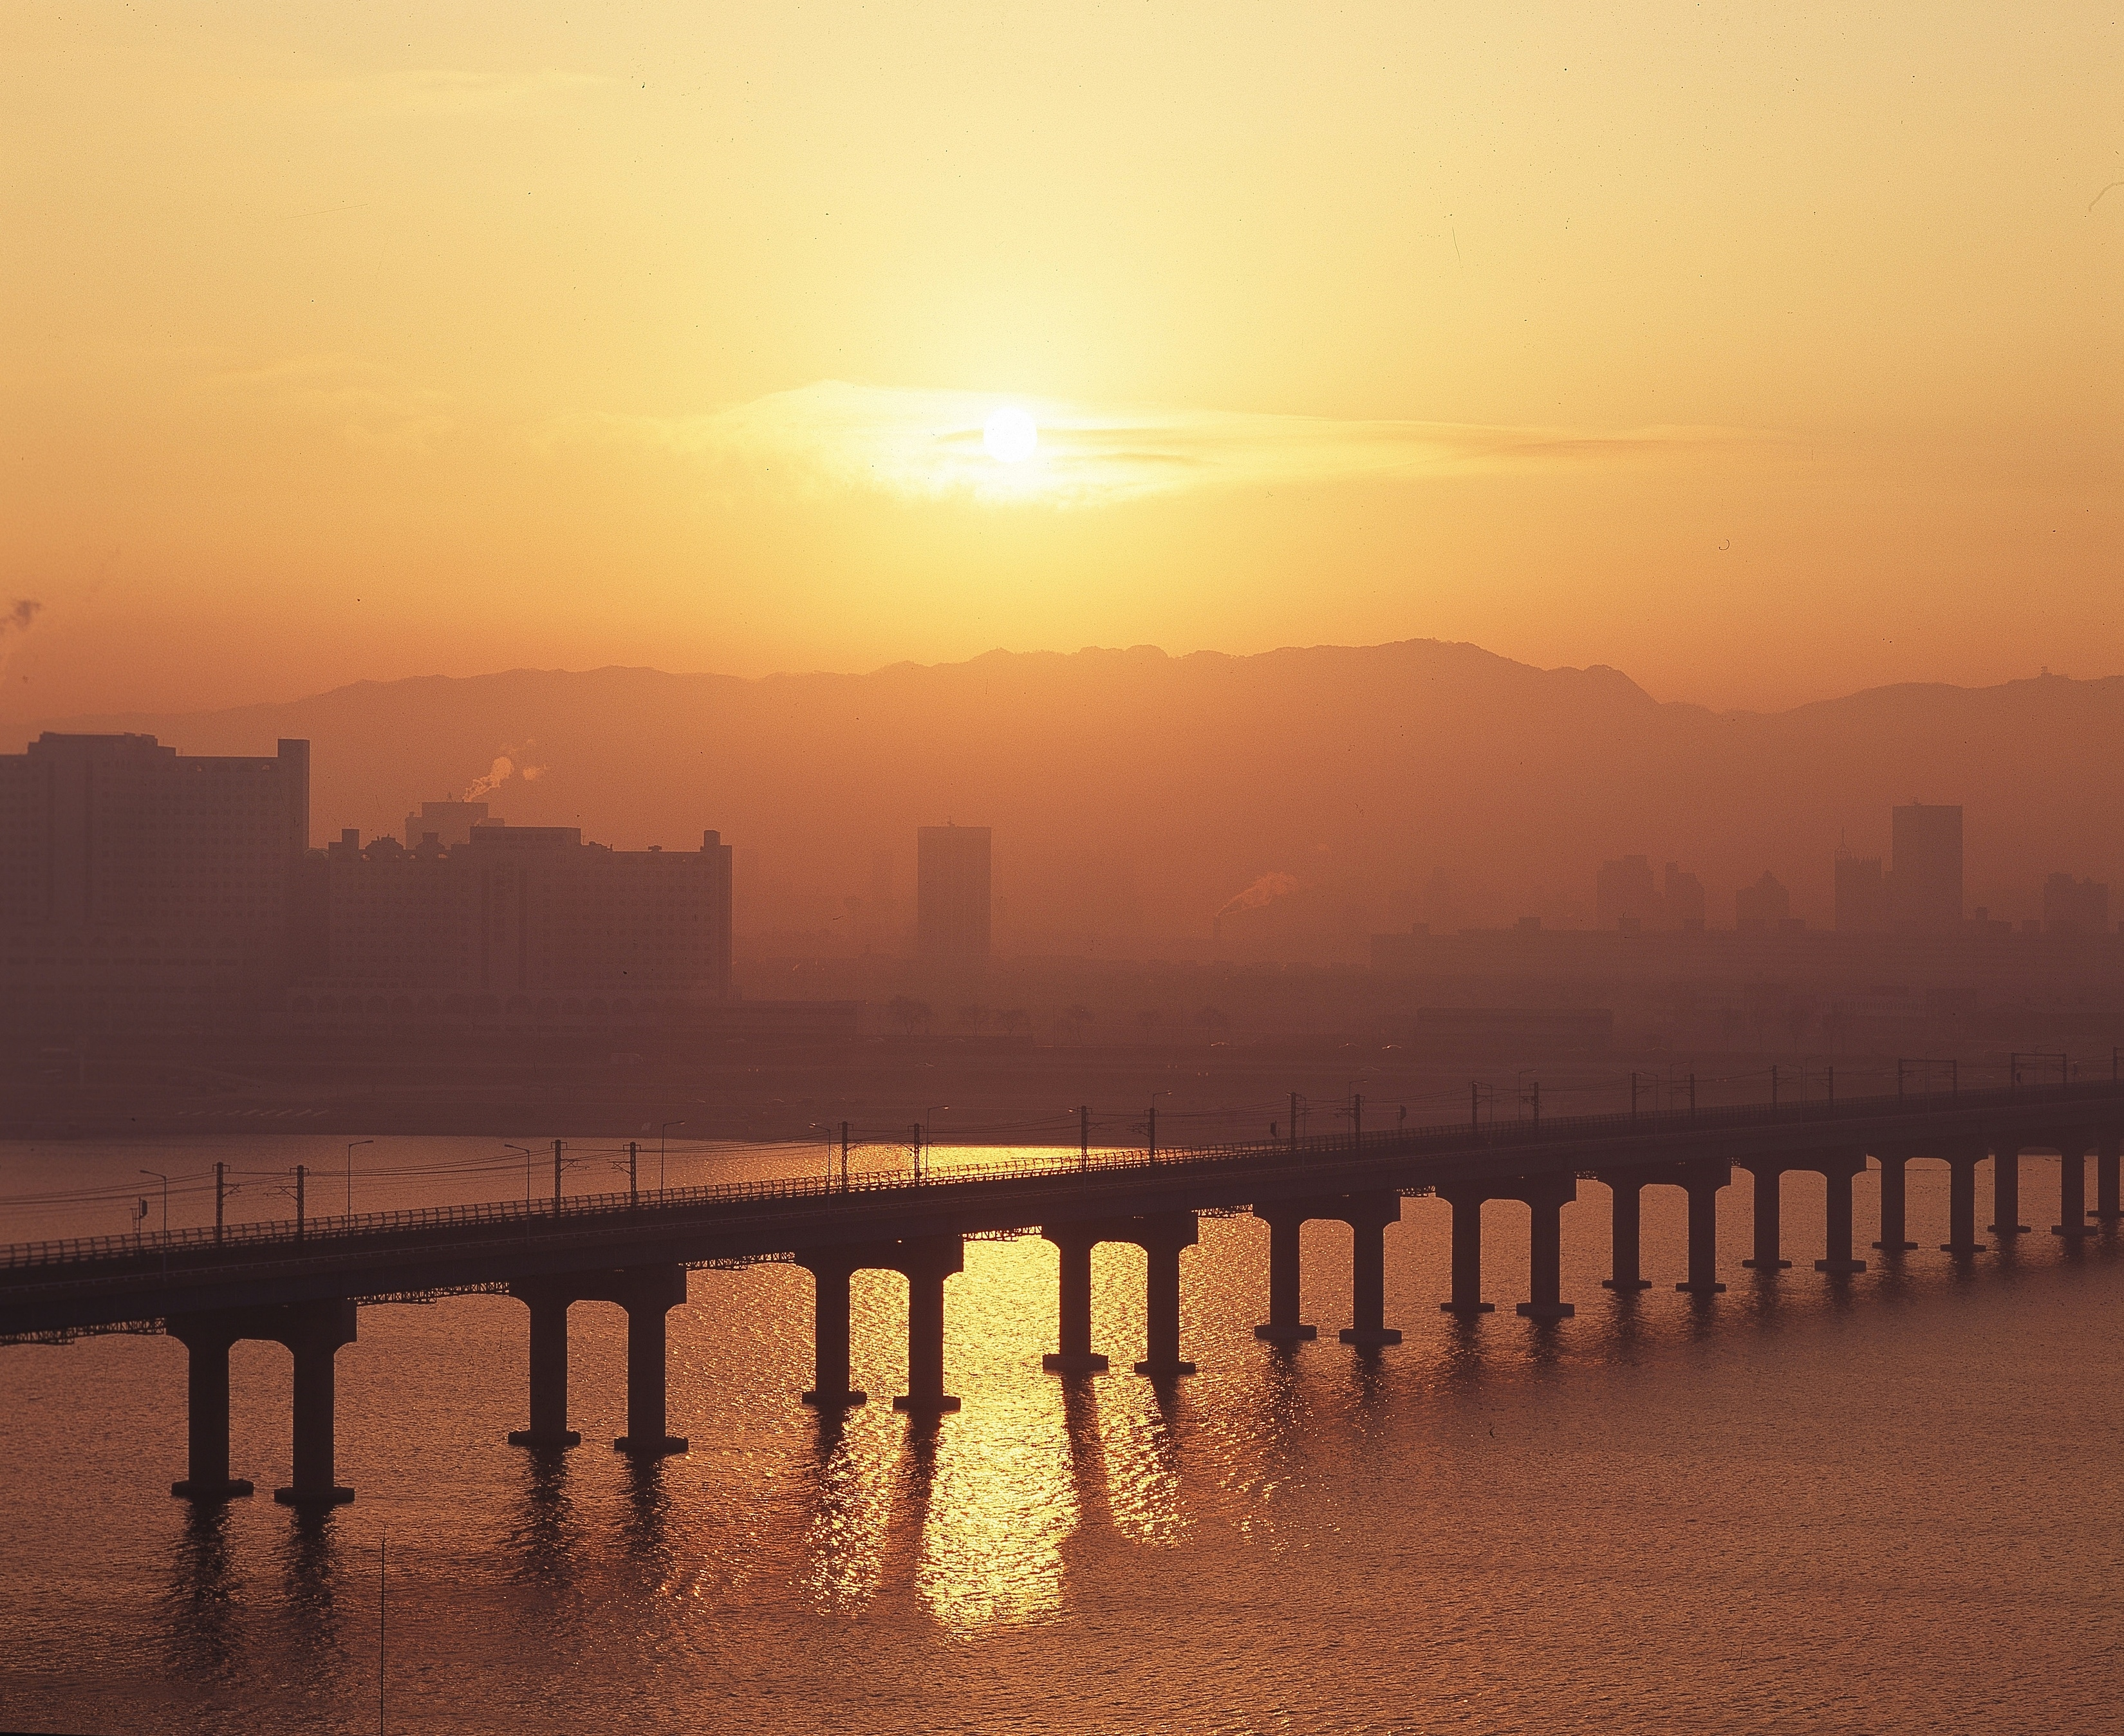 Sunset over Seoul, South Korea